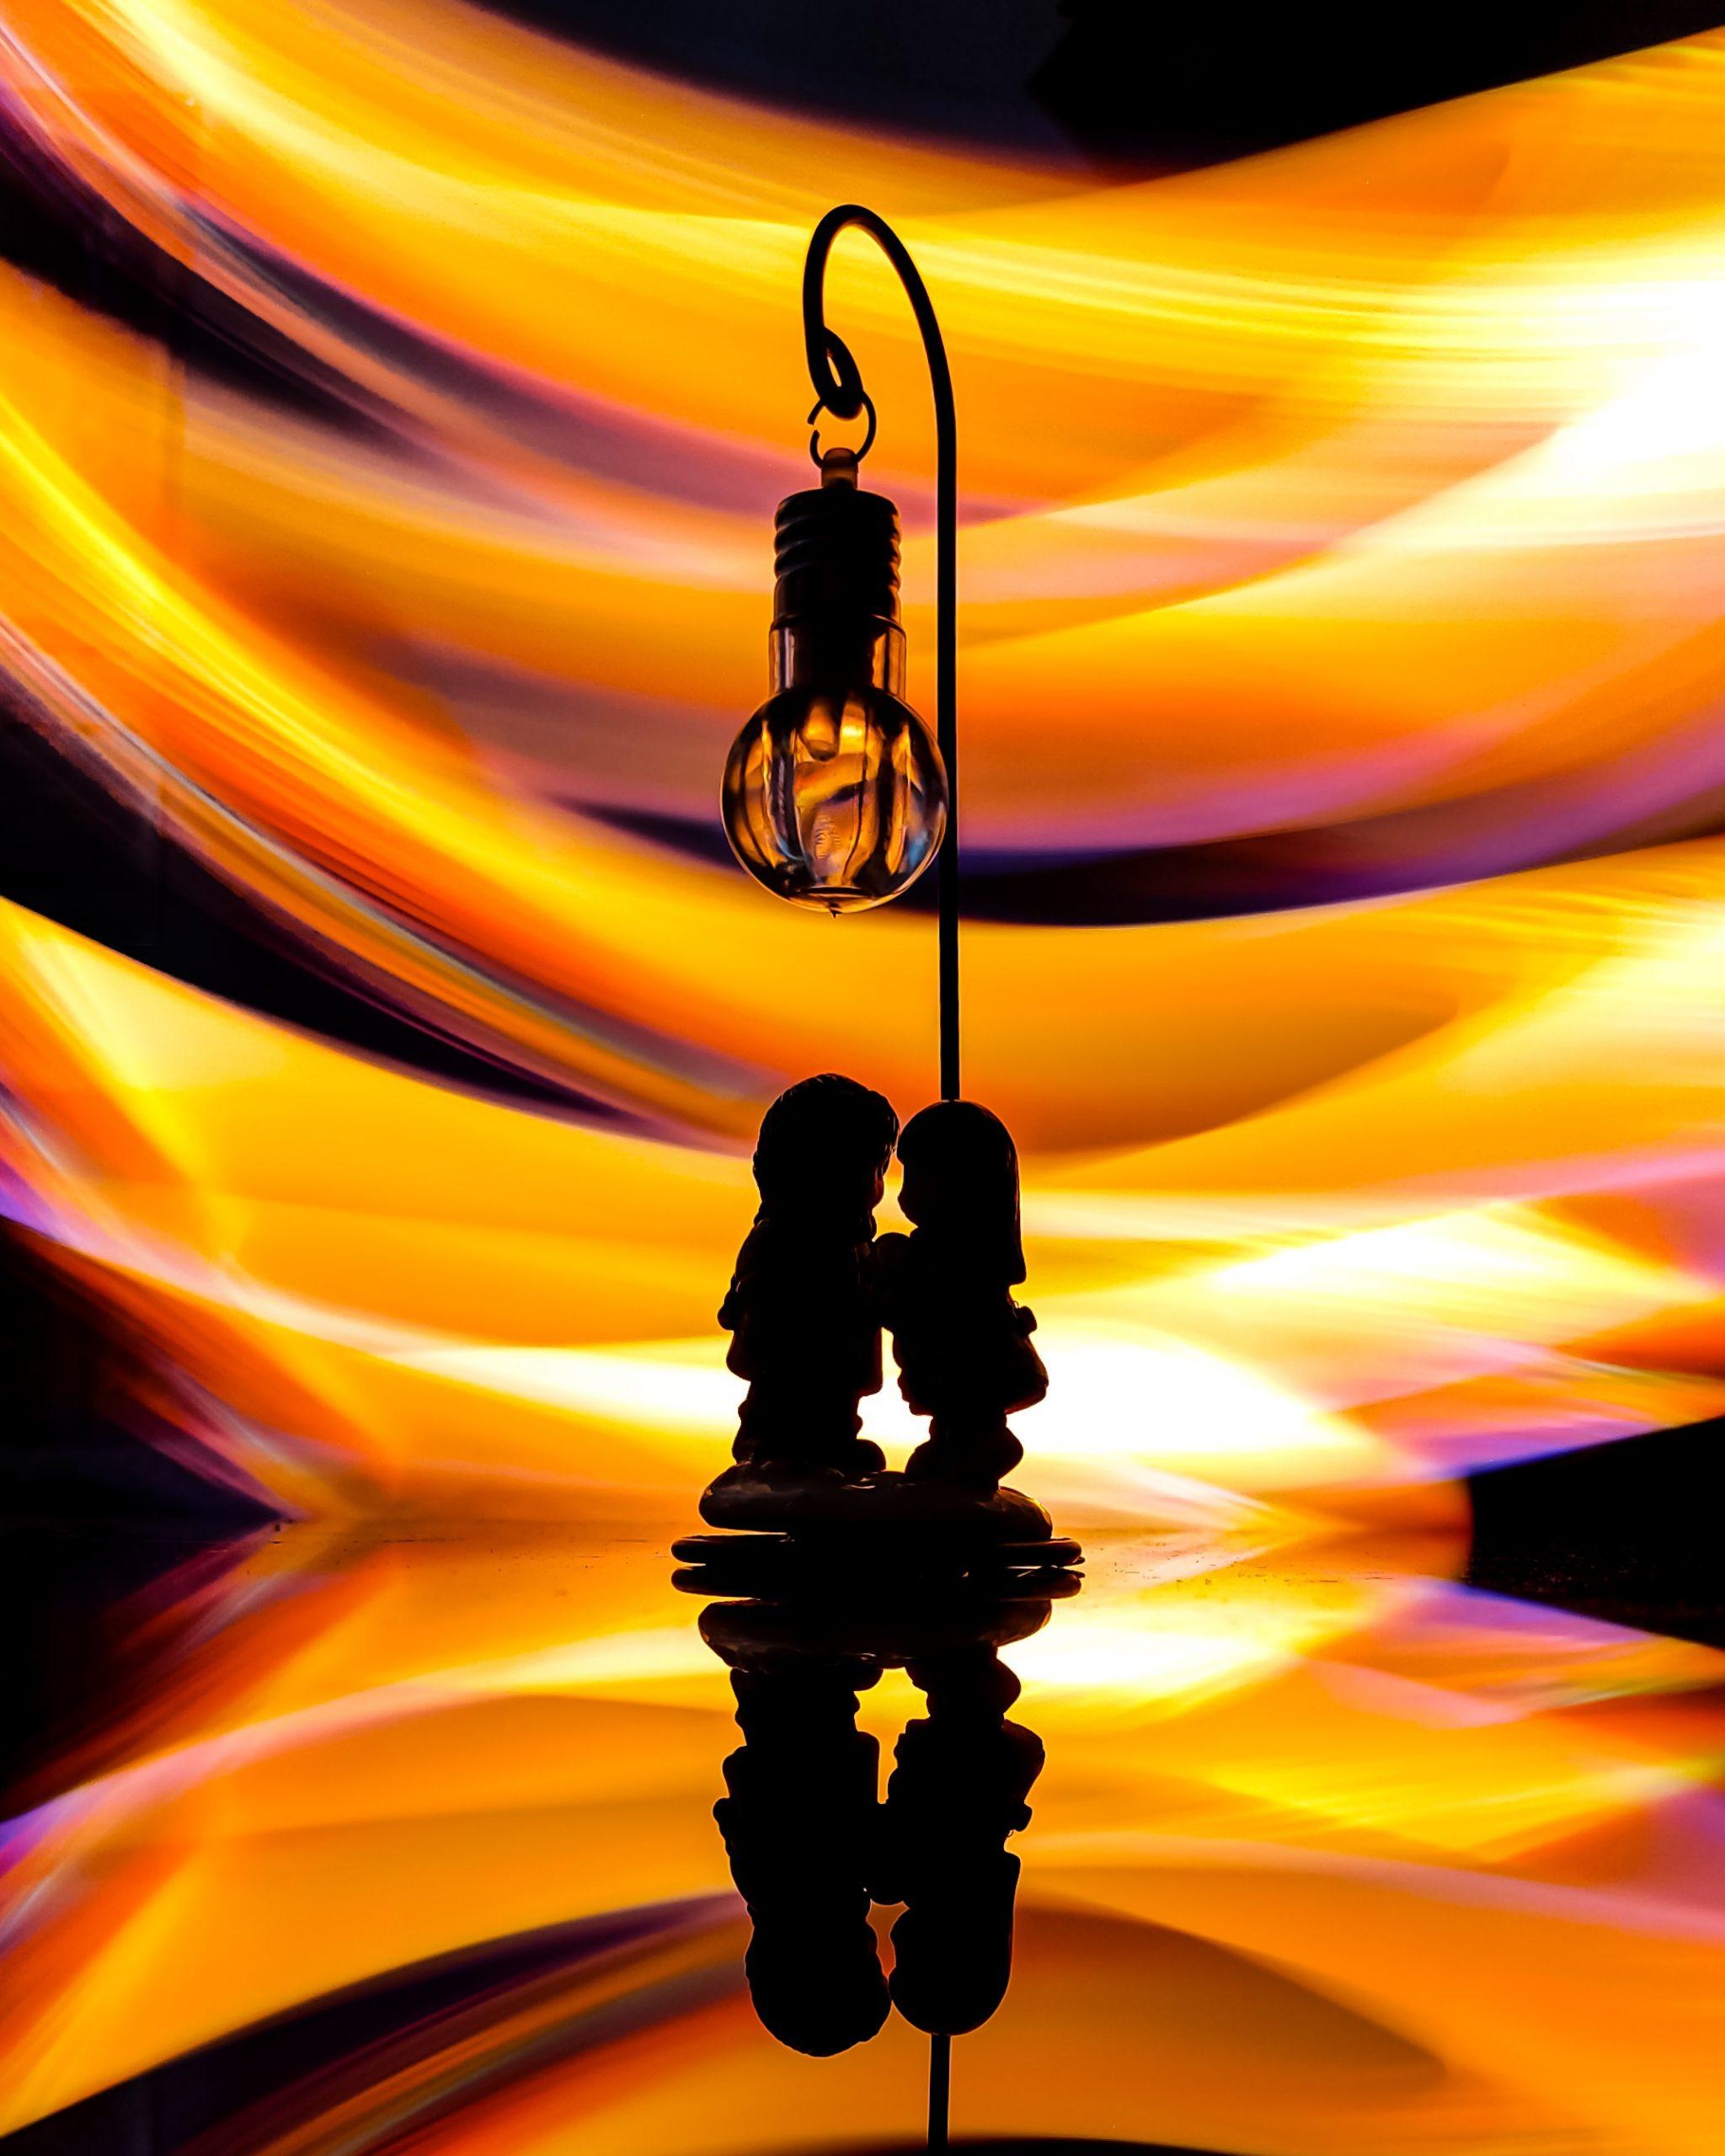 A couple under a light pole illustration